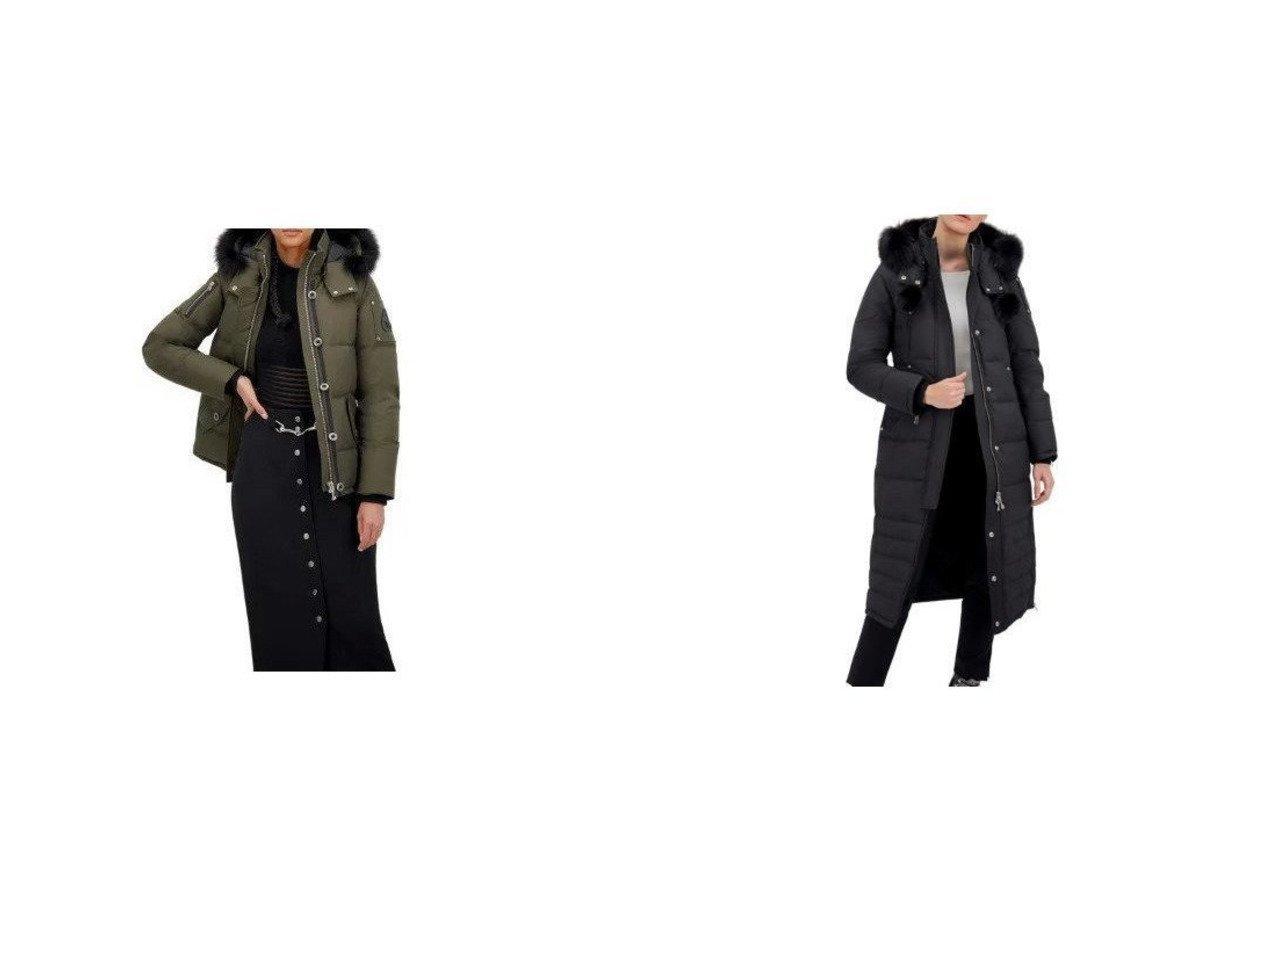 【MOOSE KNUCKLES/ムースナックル】のSASKATCHEWAN PARKA ロングダウンジャケット&3Q JACKET フォックスファーフード取り外し可能ダウンジャケット 【アウター】おすすめ!人気、トレンド・レディースファッションの通販 おすすめで人気の流行・トレンド、ファッションの通販商品 インテリア・家具・メンズファッション・キッズファッション・レディースファッション・服の通販 founy(ファニー) https://founy.com/ ファッション Fashion レディースファッション WOMEN アウター Coat Outerwear コート Coats ジャケット Jackets ジャケット ダウン ポケット ロング 防寒 インナー スウェット スリム フィット 軽量 |ID:crp329100000056380